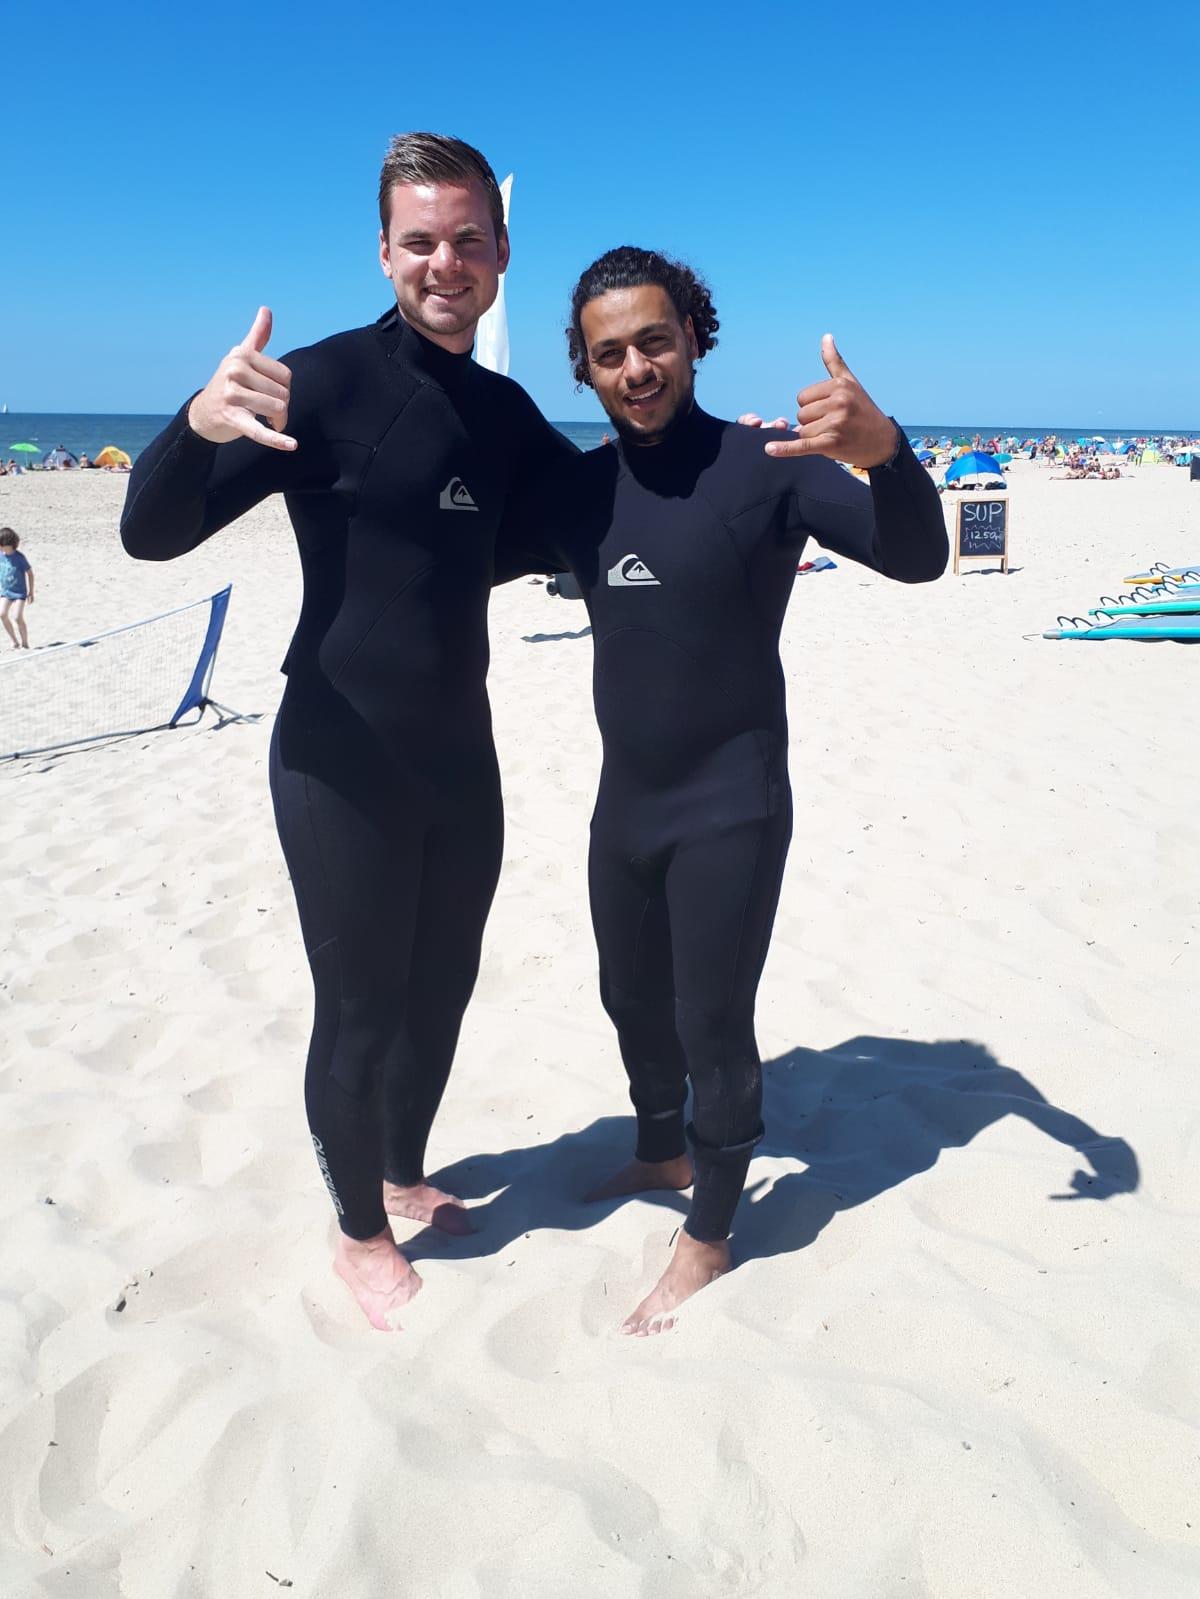 Surf gear